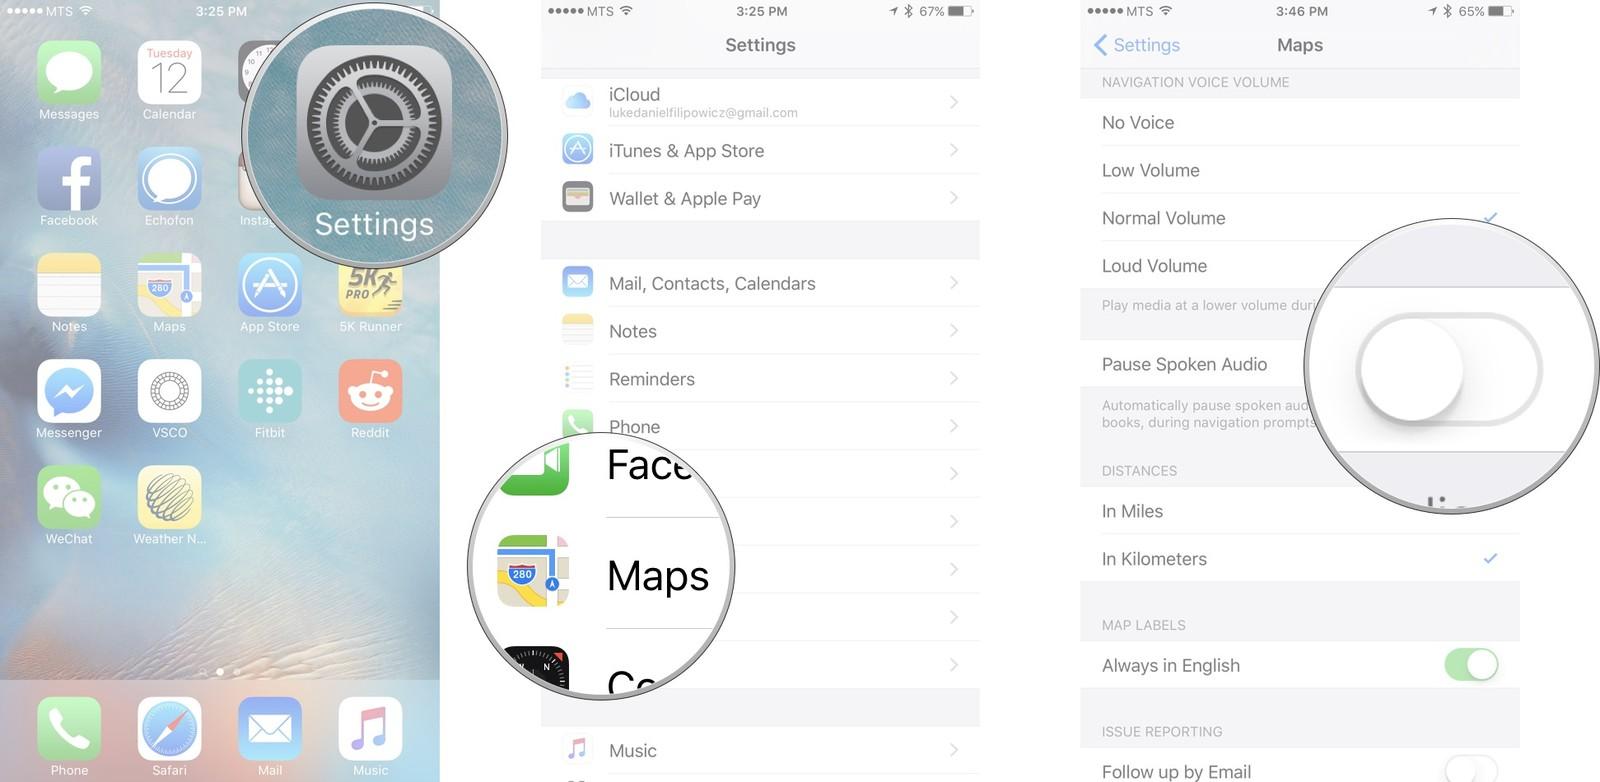 Как пользоваться Картами на iPhone и iPad - Приостановить проигрывание аудио